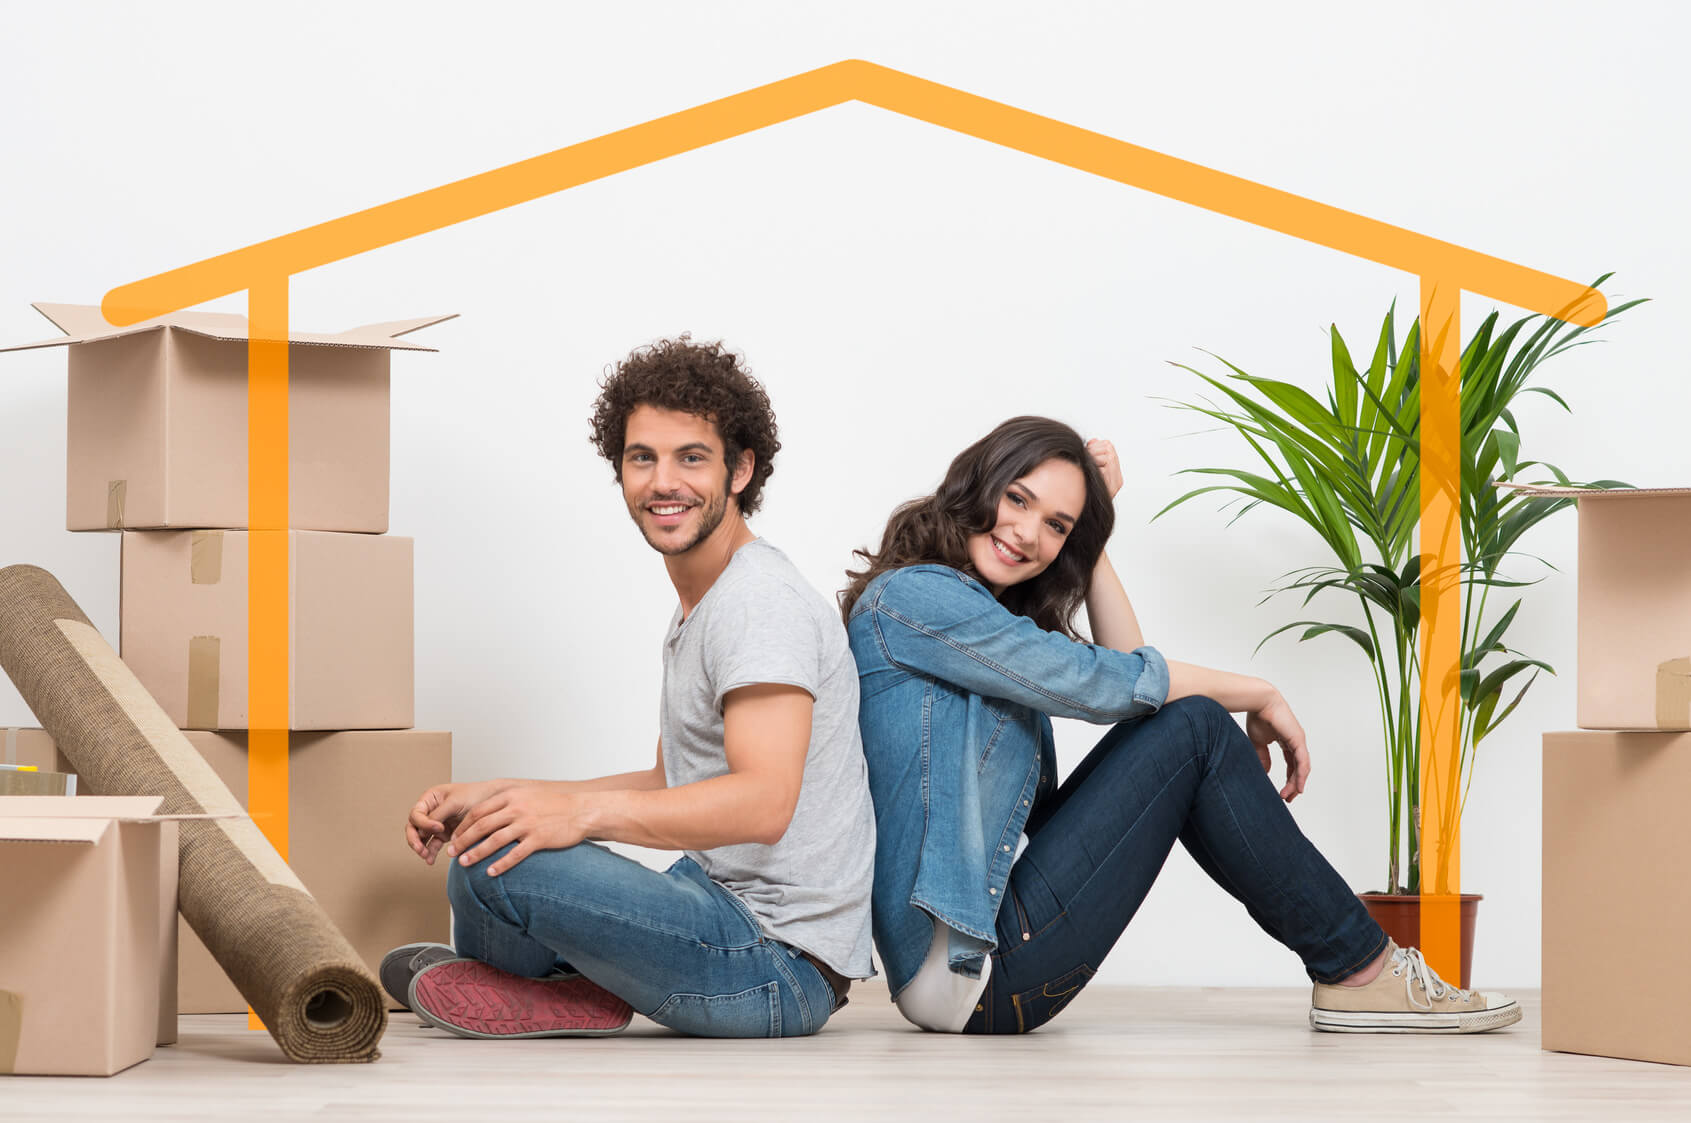 купить однокомнатную квартиру в вологде продажа однокомнатных квартир однокомнатные квартиры недорого стоимость однокомнатной цена дешево